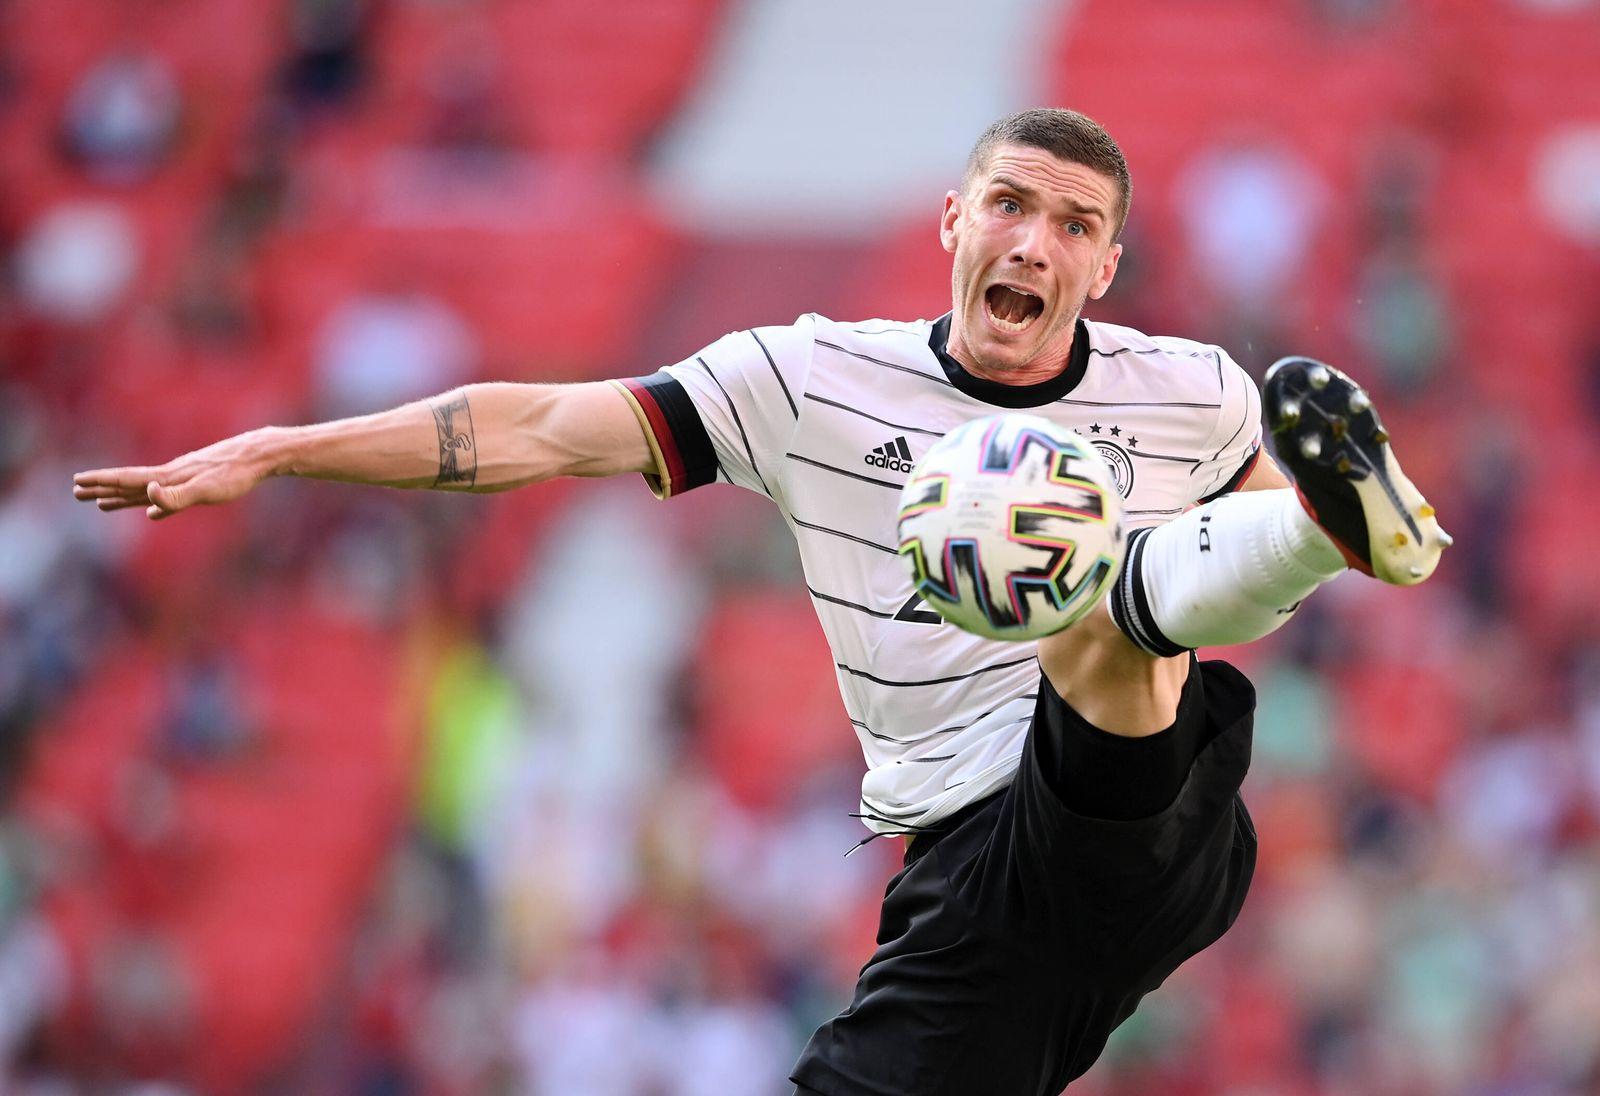 FUSSBALL Euro 2021 GRUPPE C Spiel 24 in Muenchen Portugal - Deutschland 19.06.2021 Robin Gosens (Deutschland) am Ball **